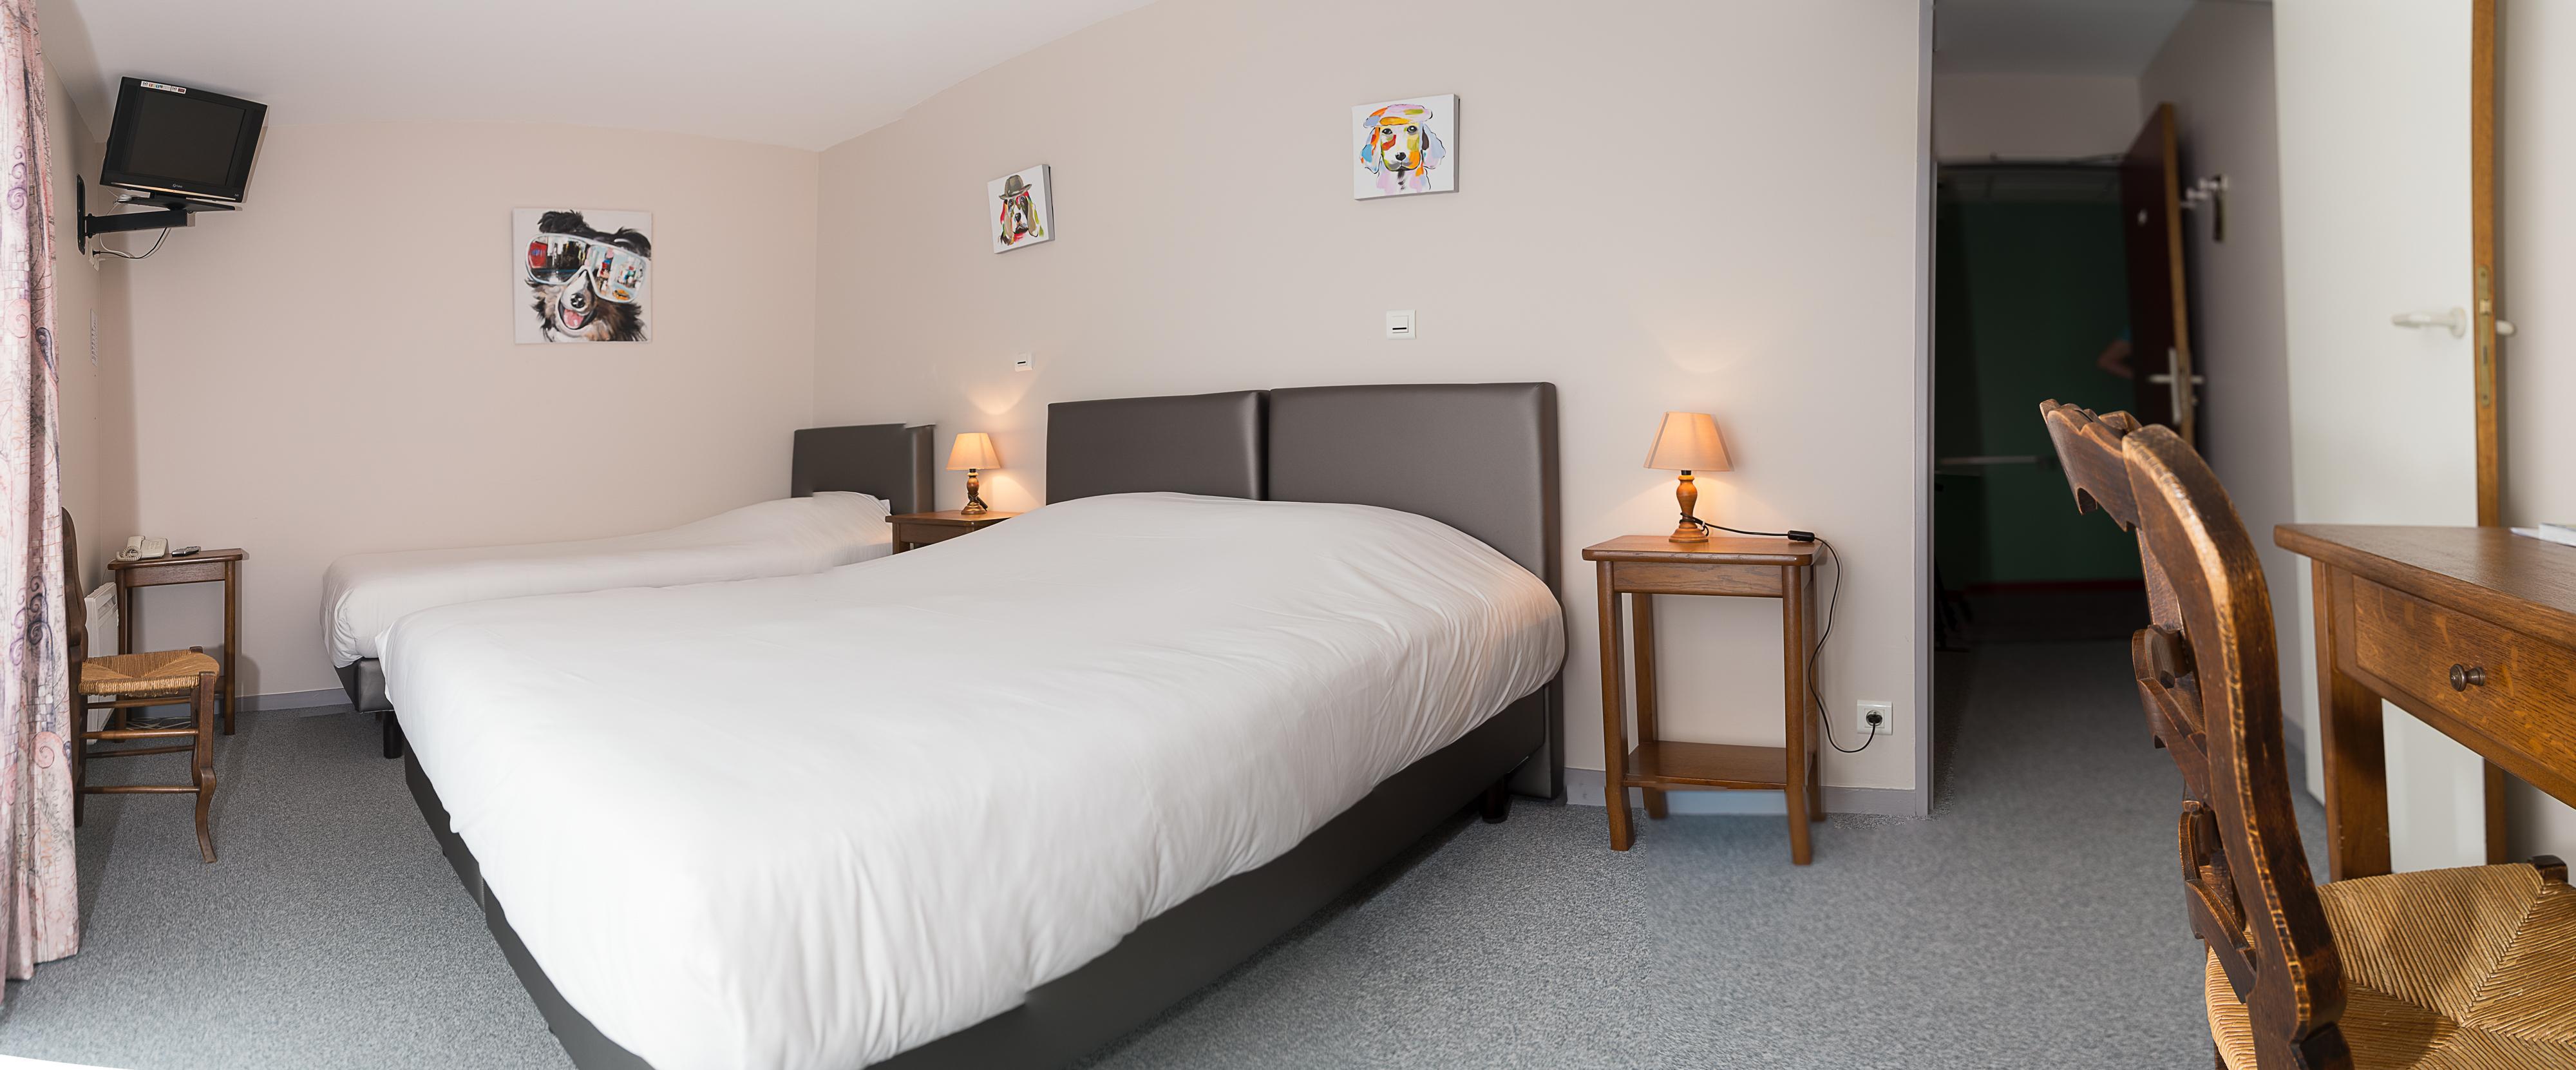 la chambre familiale est équipée d'un lit double pour deux personnes de 160 cm et d'un lit simple pour une personne de 90 cm. nous pouvons y rajouter un deuxième lit simple ainsi qu'un lit pour un bébé (max. 2 ans). le deuxième lit simple est facturé en supplément.